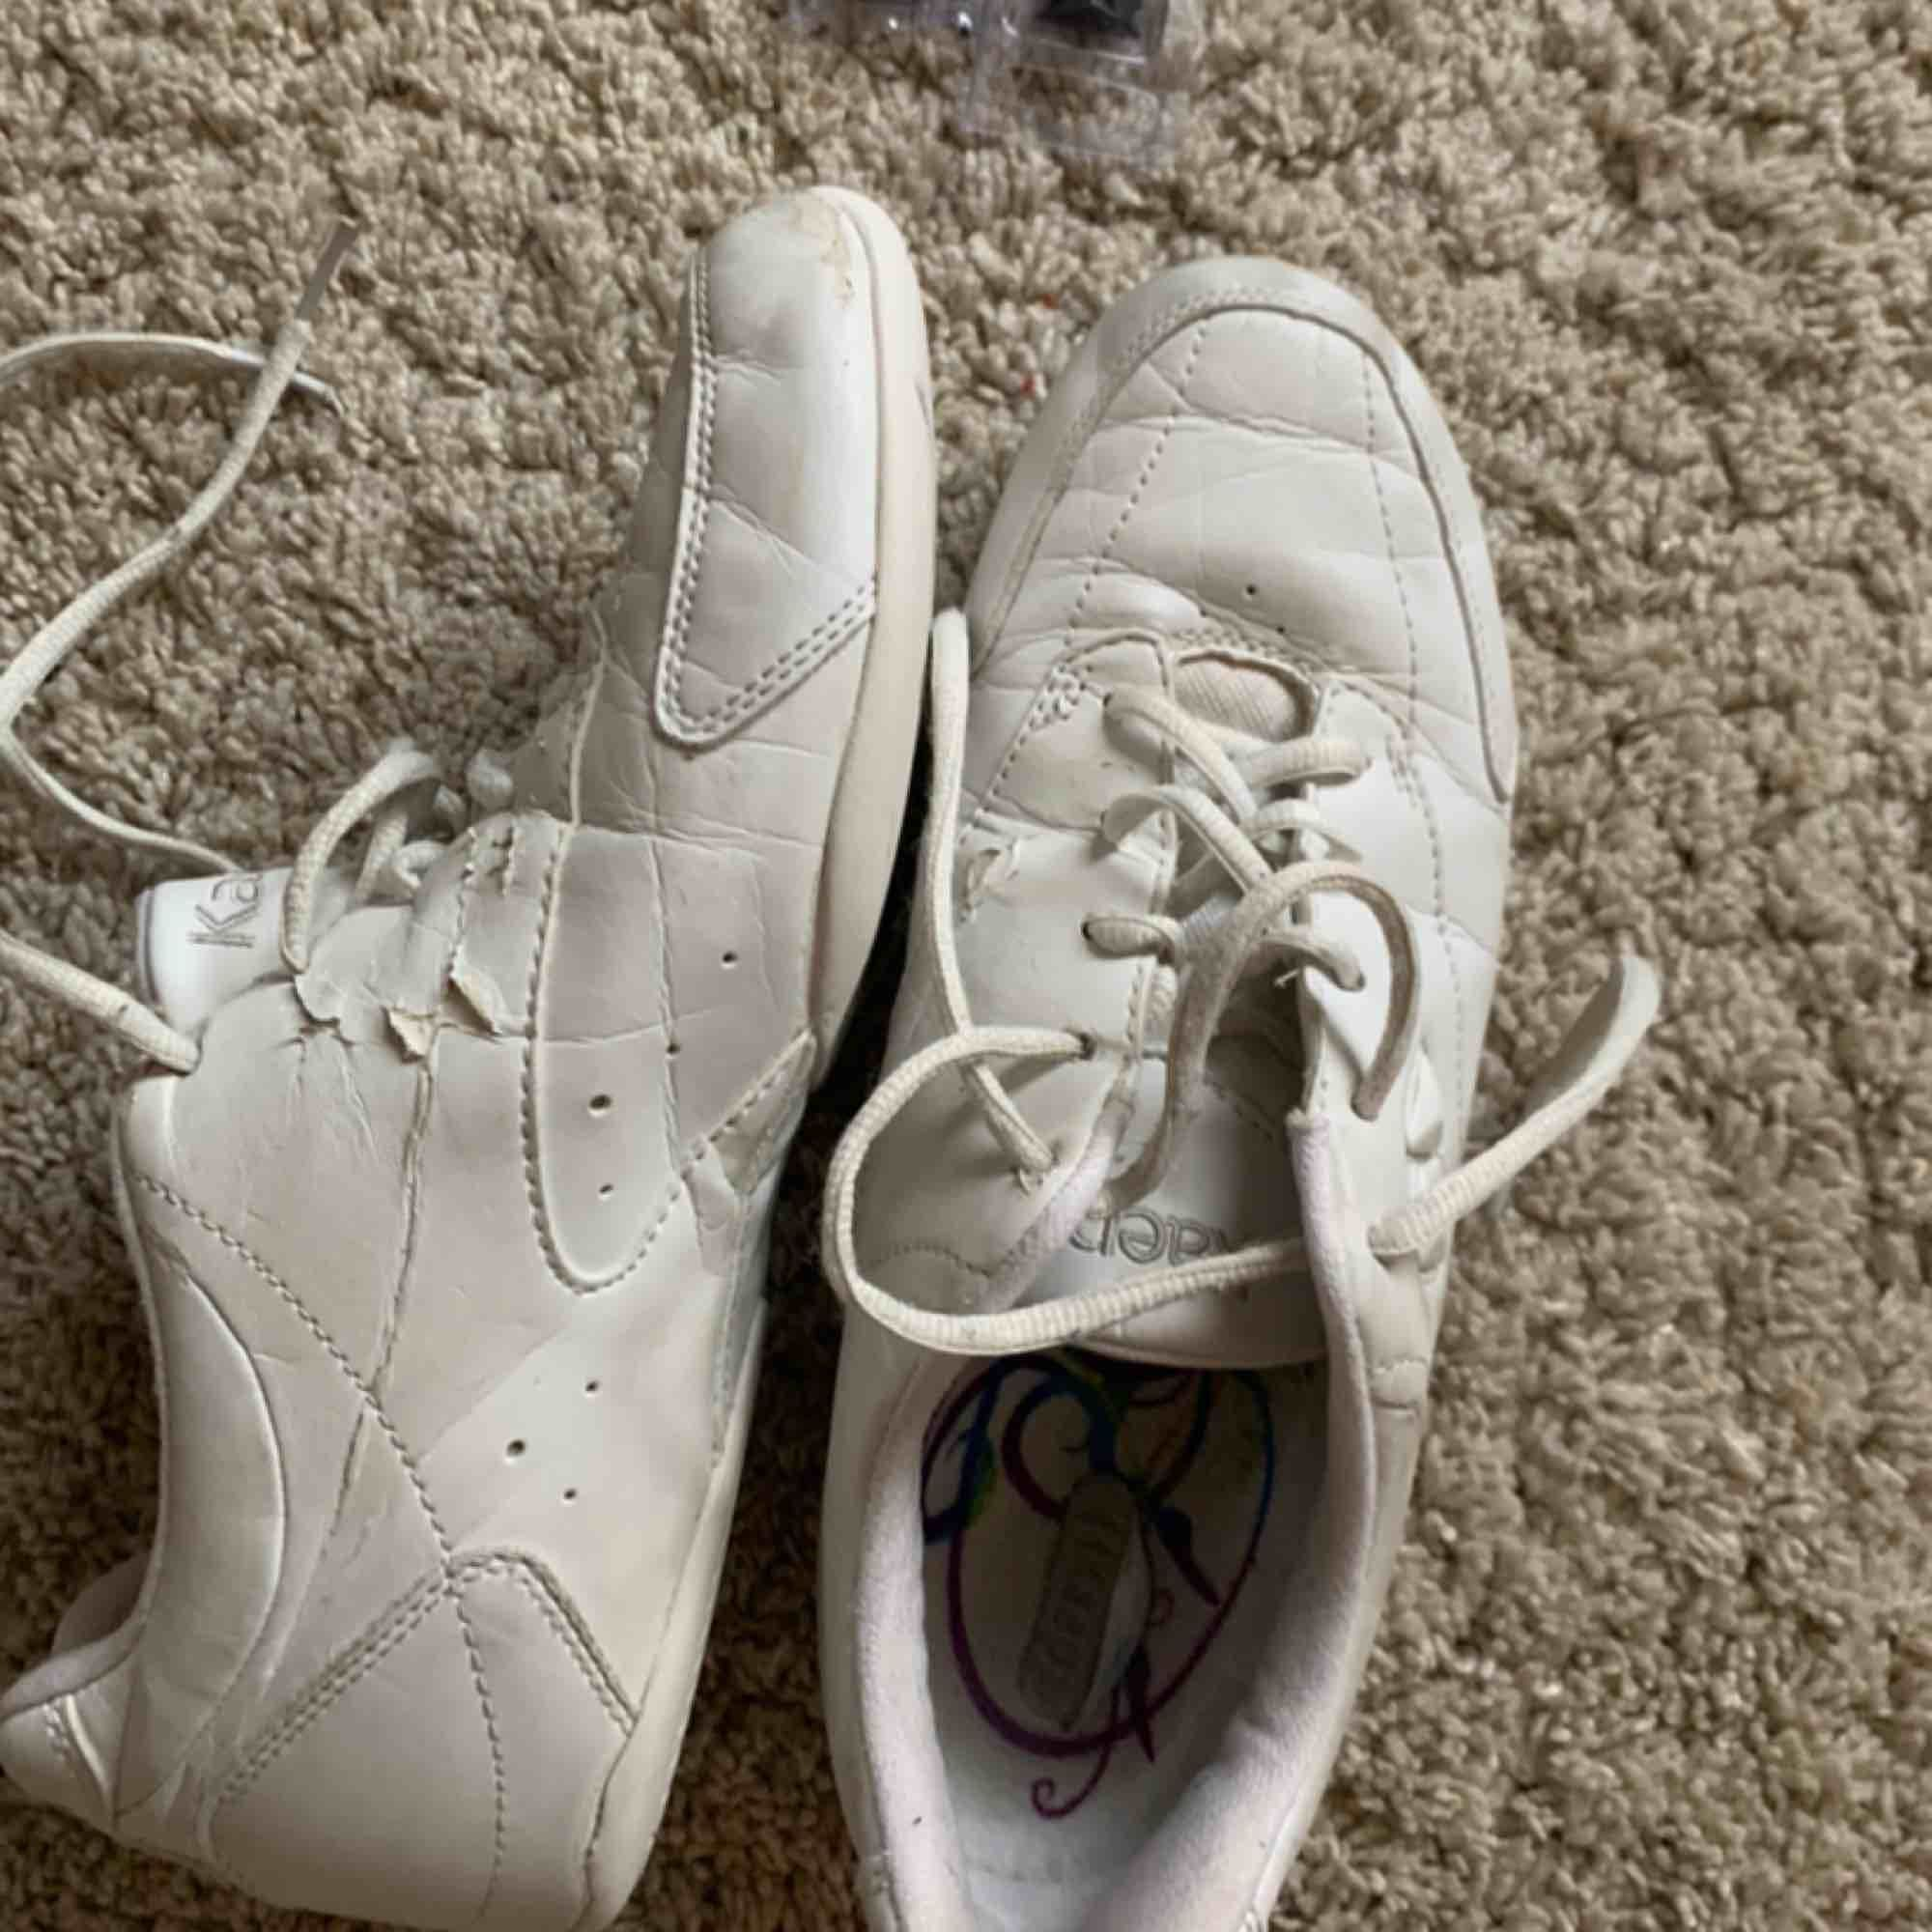 Cheerleading skor. Dessa är mycket använda så pris kan absolut diskuteras. Skicka för fler bilder. Man får även med flera pluppar som man kan byta ut på skorna. Skor.